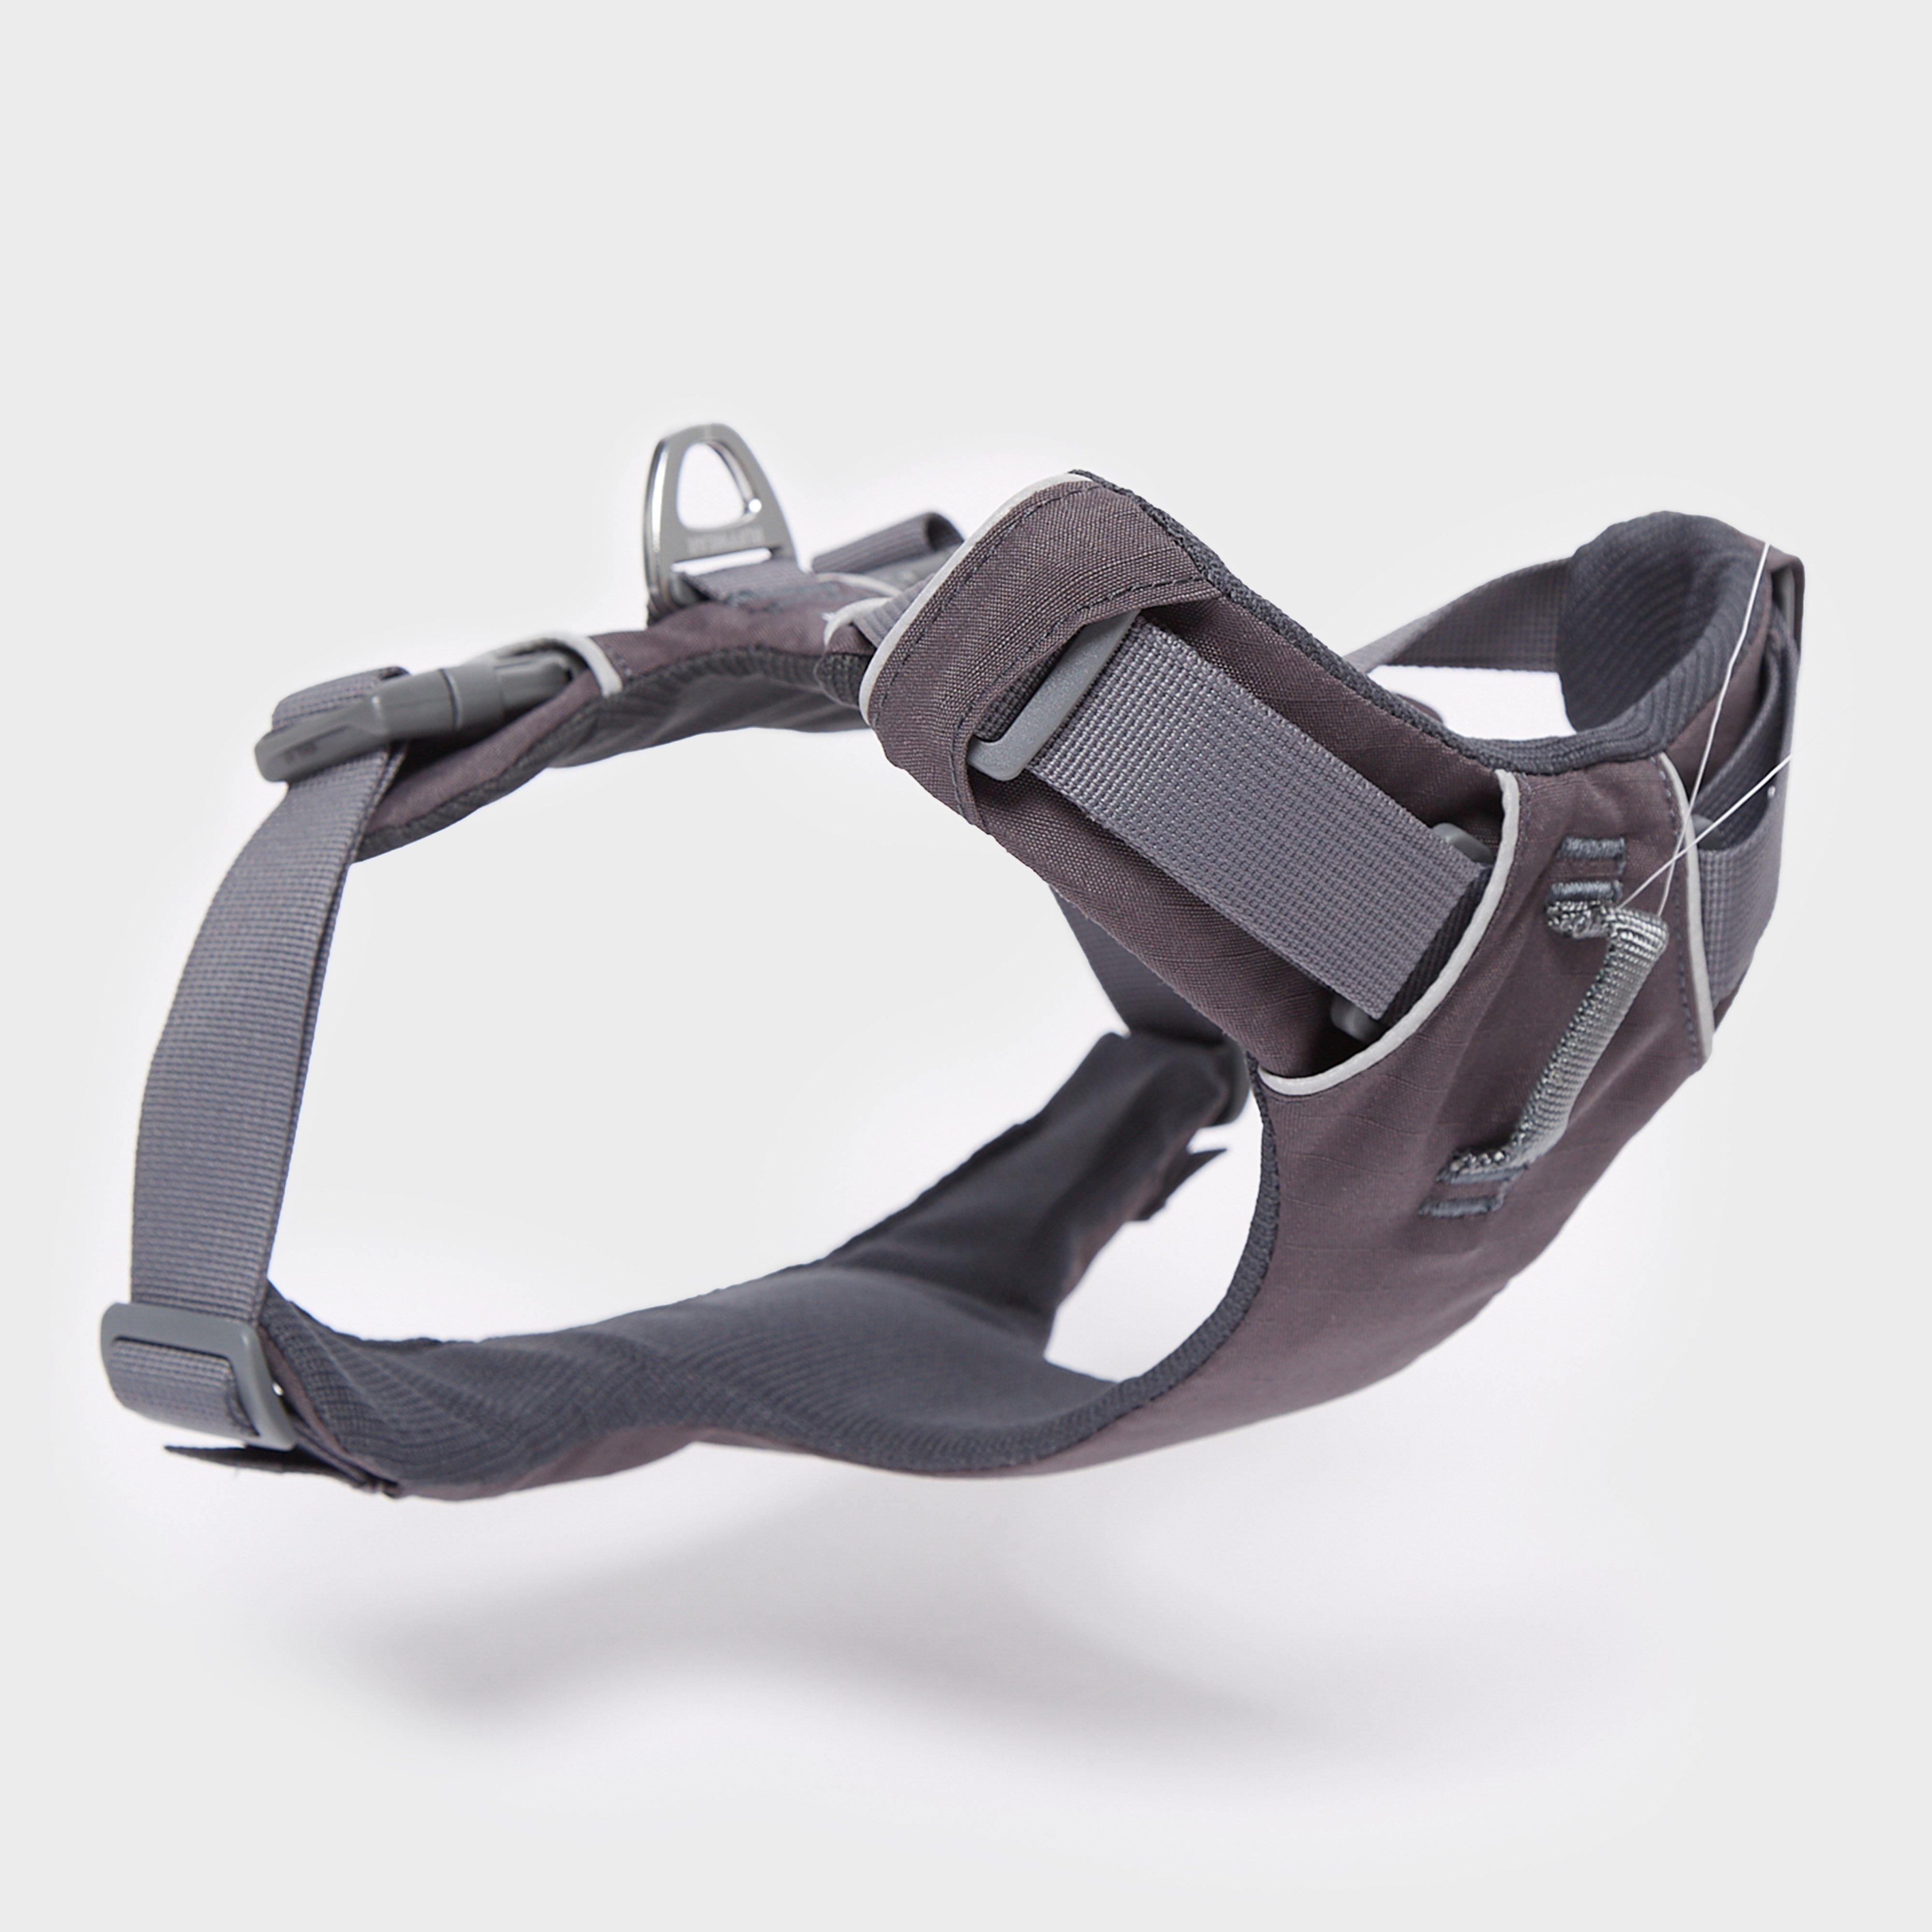 Ruffwear Front Range Harness -